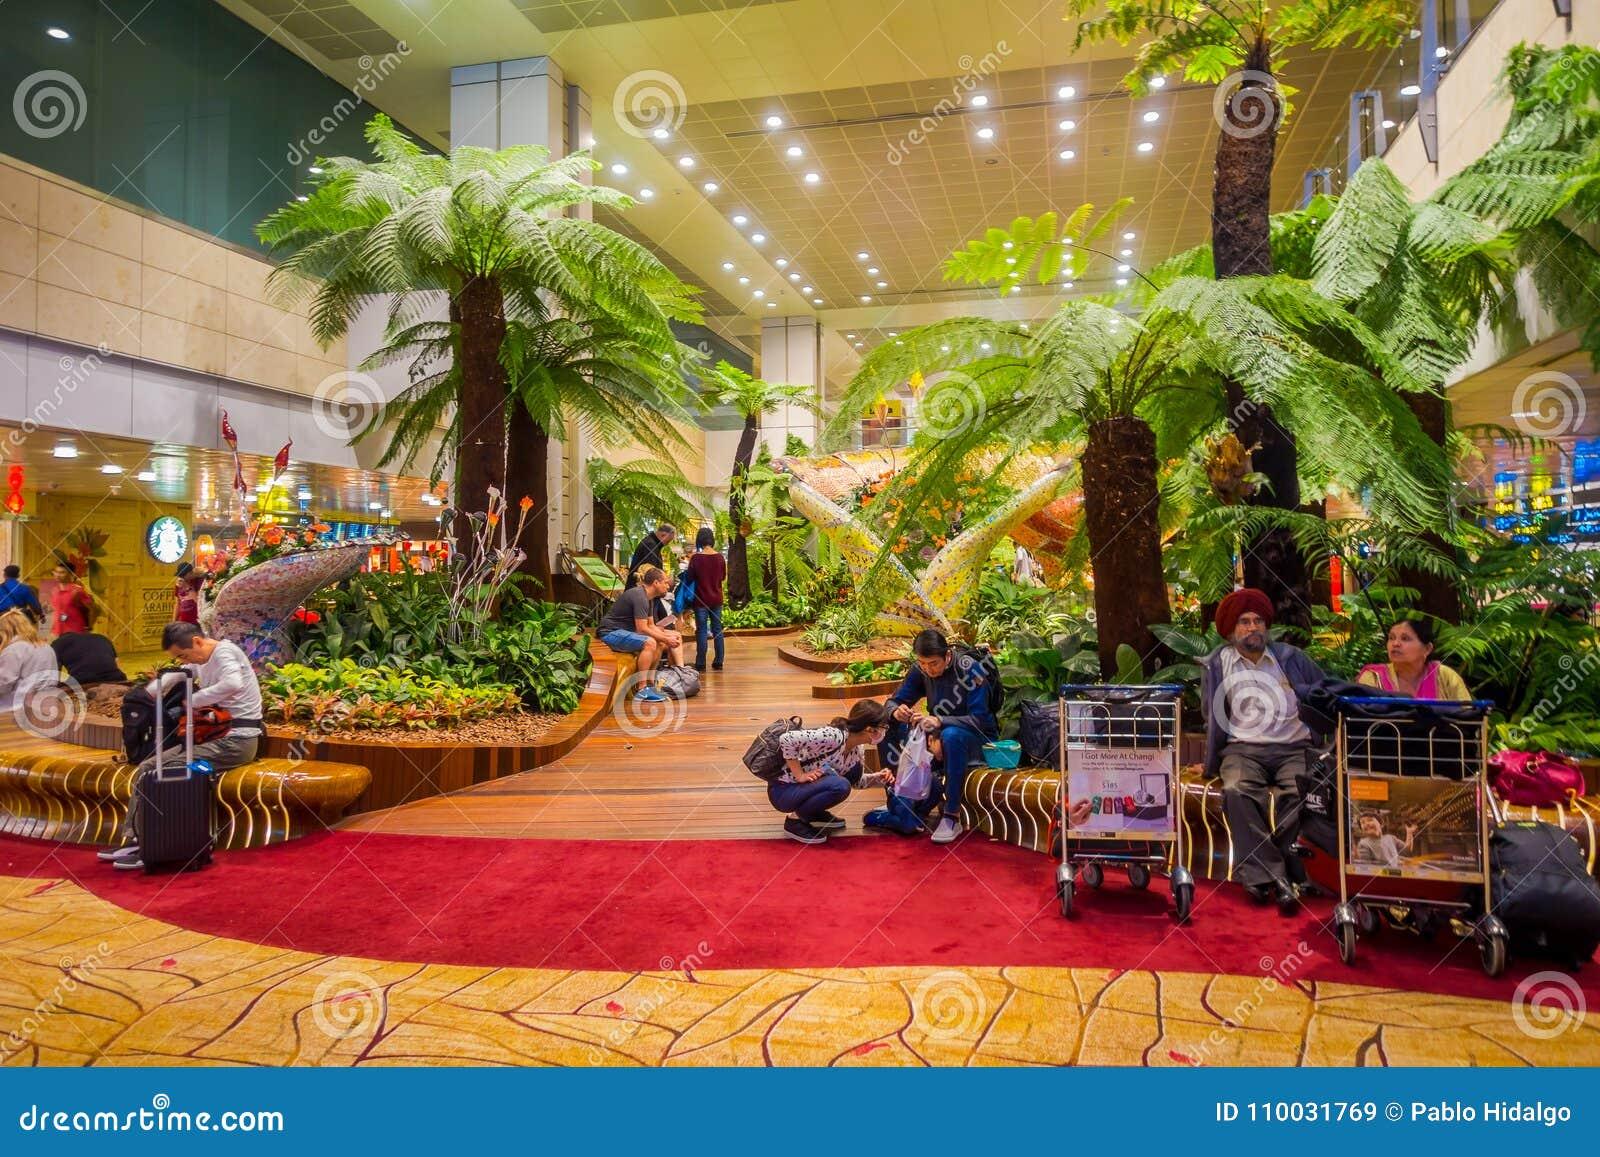 СИНГАПУР, СИНГАПУР - 30-ОЕ ЯНВАРЯ 2018: Крытый взгляд неопознанных людей сидя в стулья в малом саде с